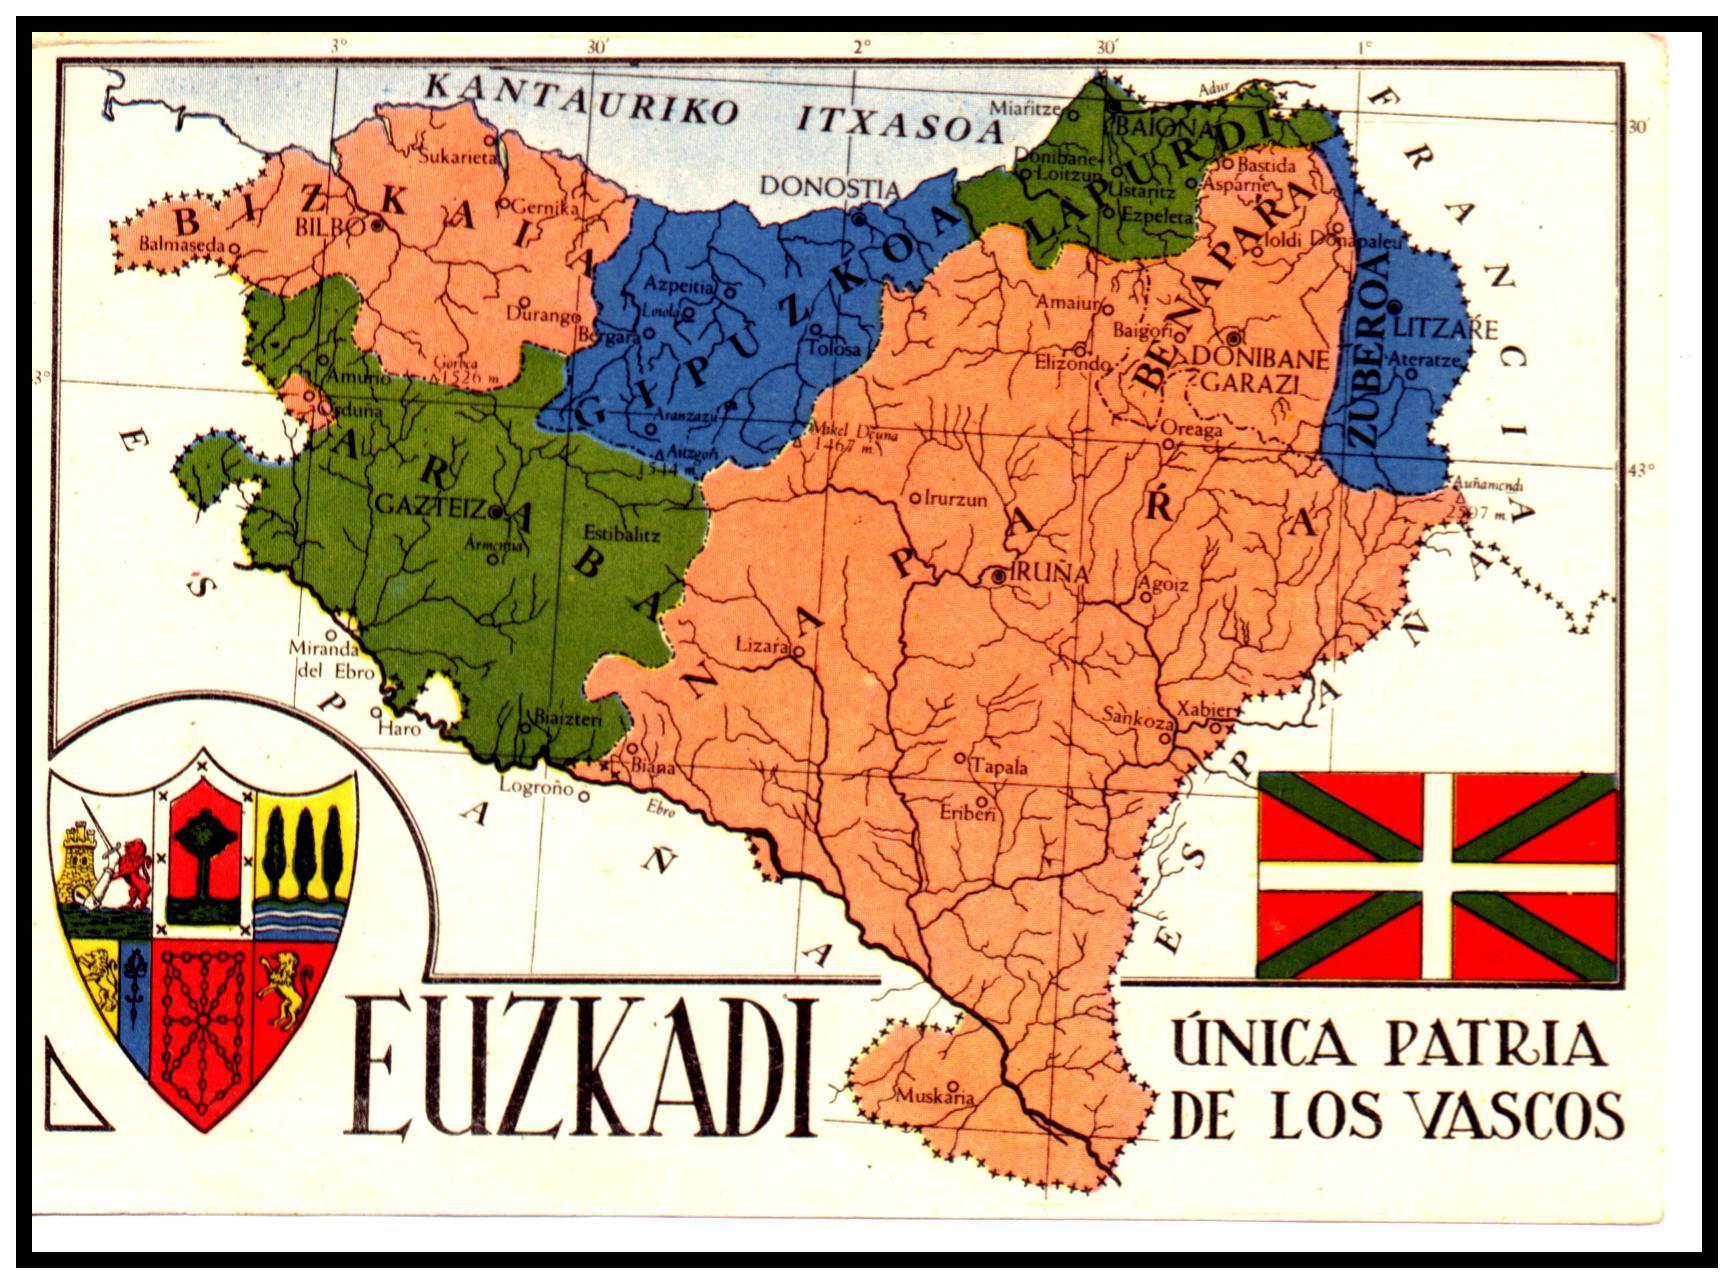 Mapa de las provincias vascas